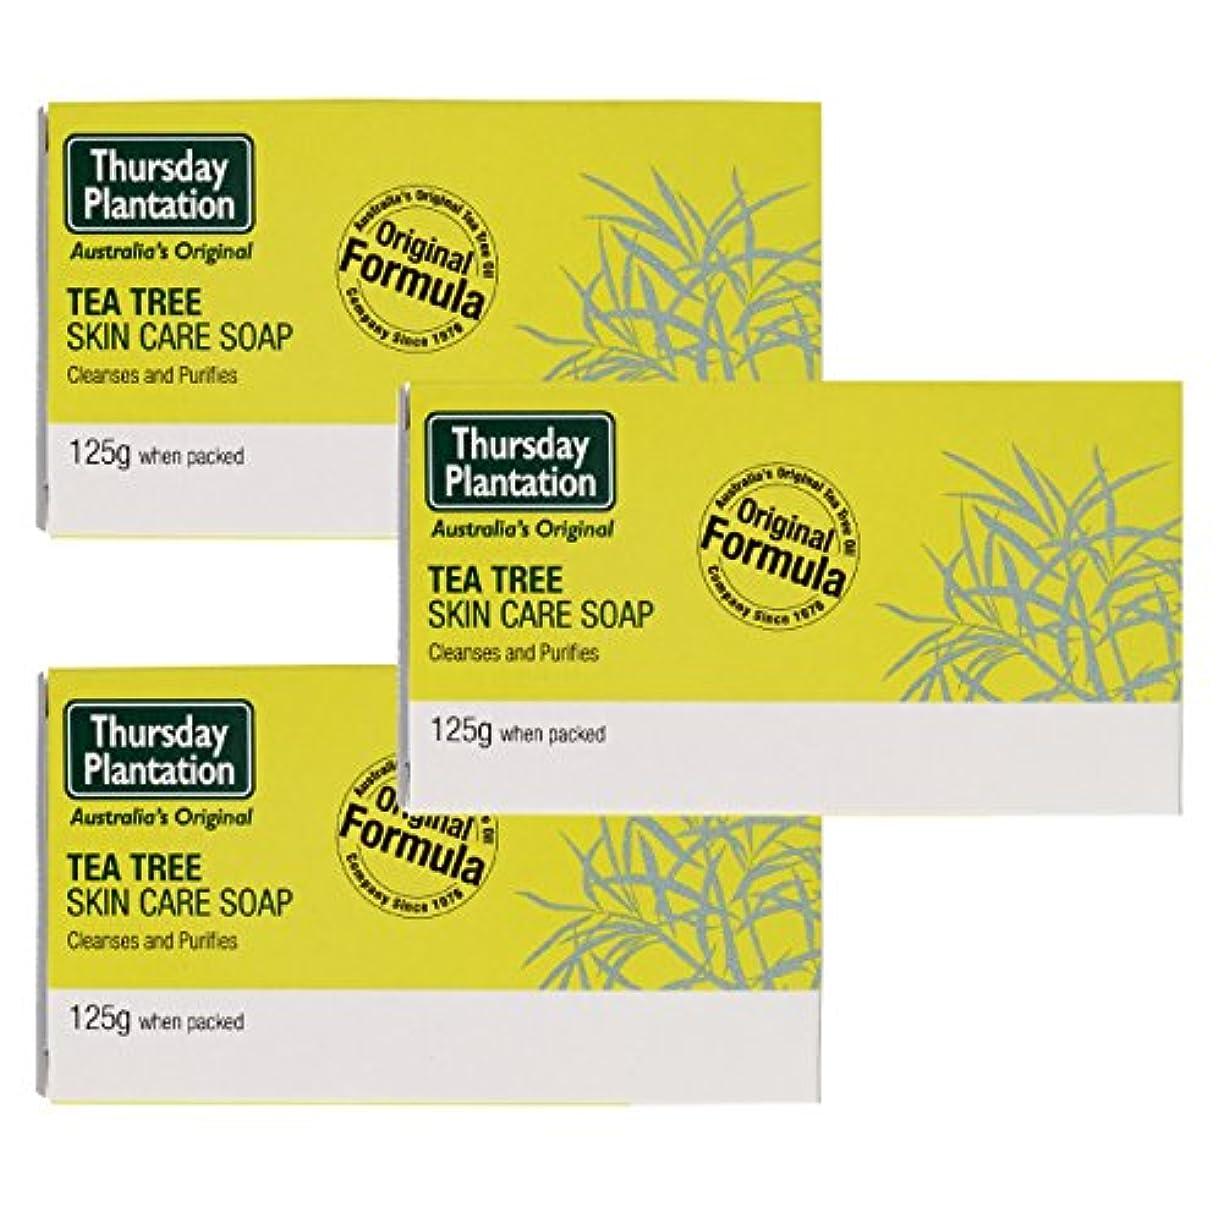 眠るレンジたるみティーツリー スキンケア ソープ 125g x3 Thursday Plantation Tea Tree Skin Care Soap [並行輸入品]